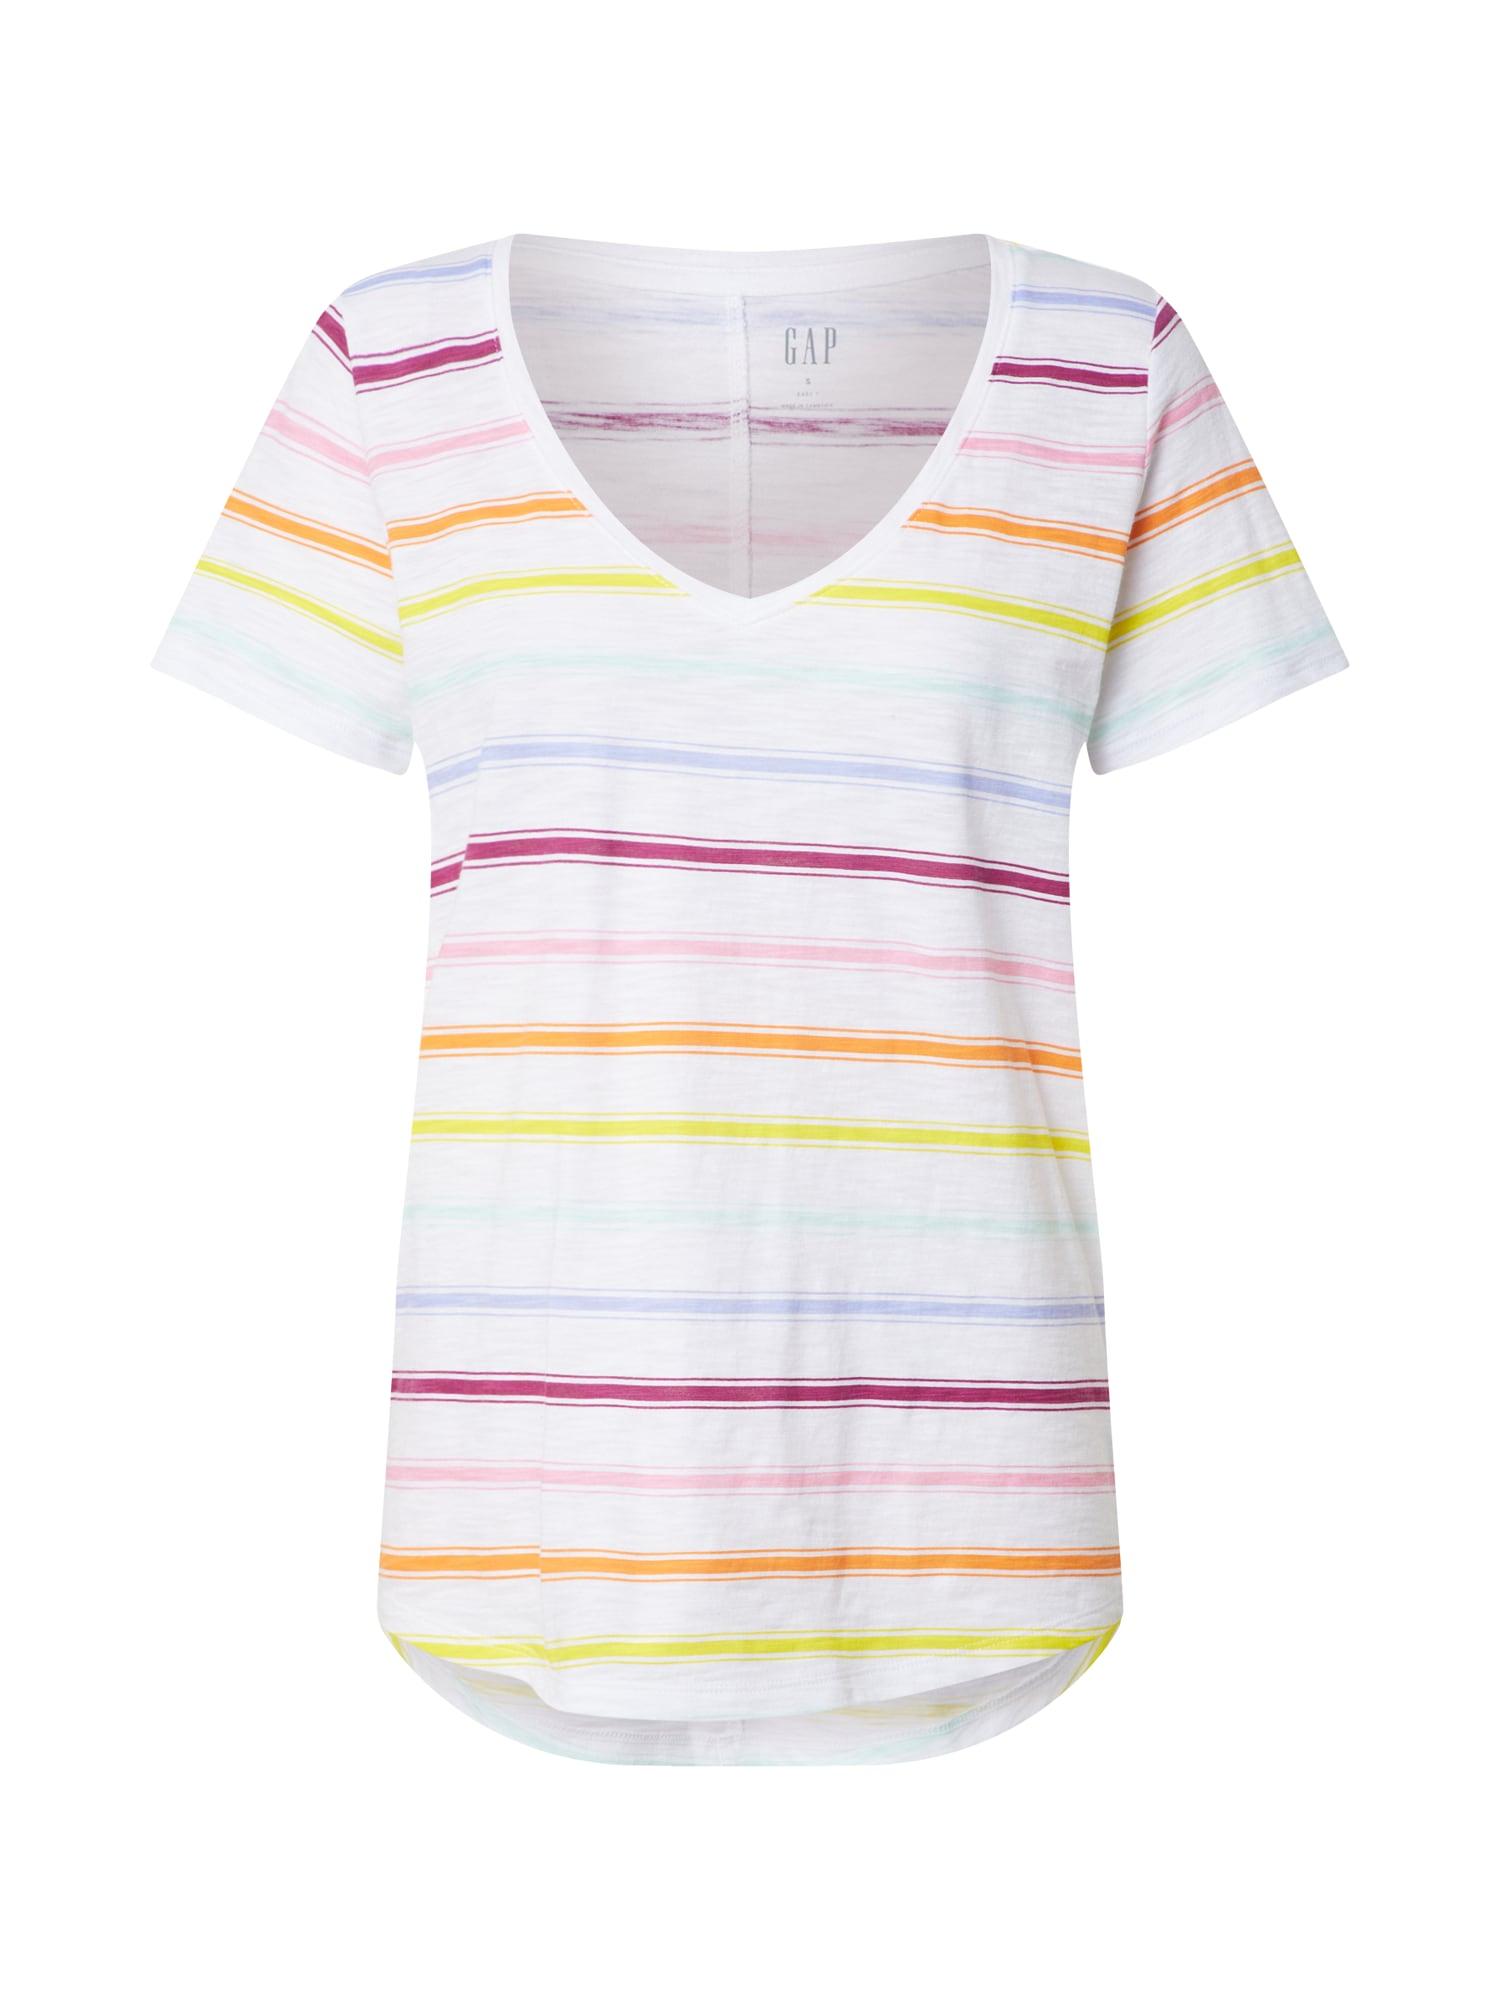 GAP Marškinėliai mišrios spalvos / balta